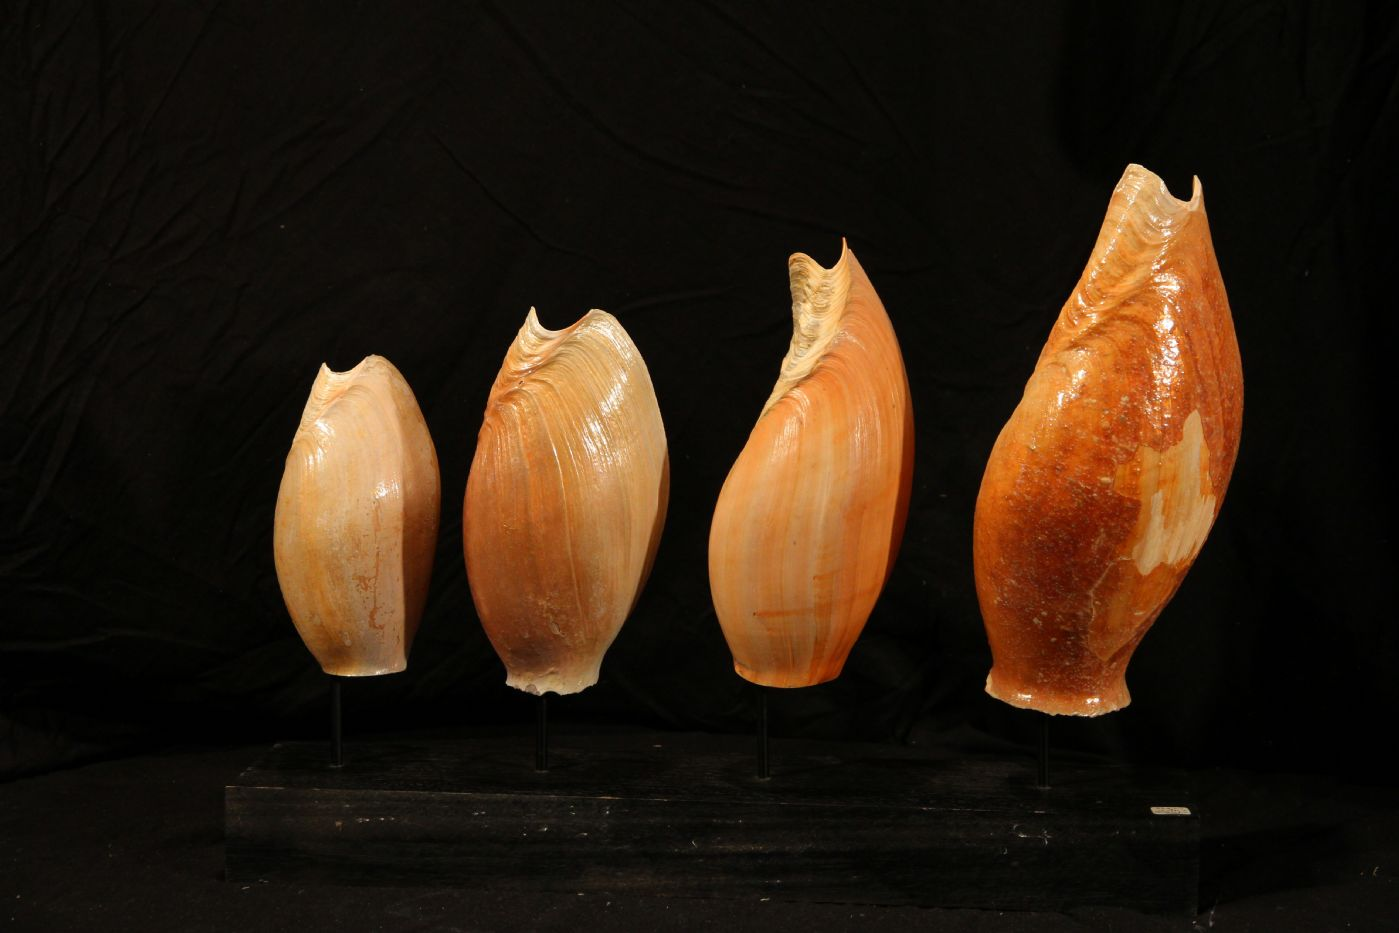 thumb4|Quattro conchiglie su base di legno, Golfo di Guinea